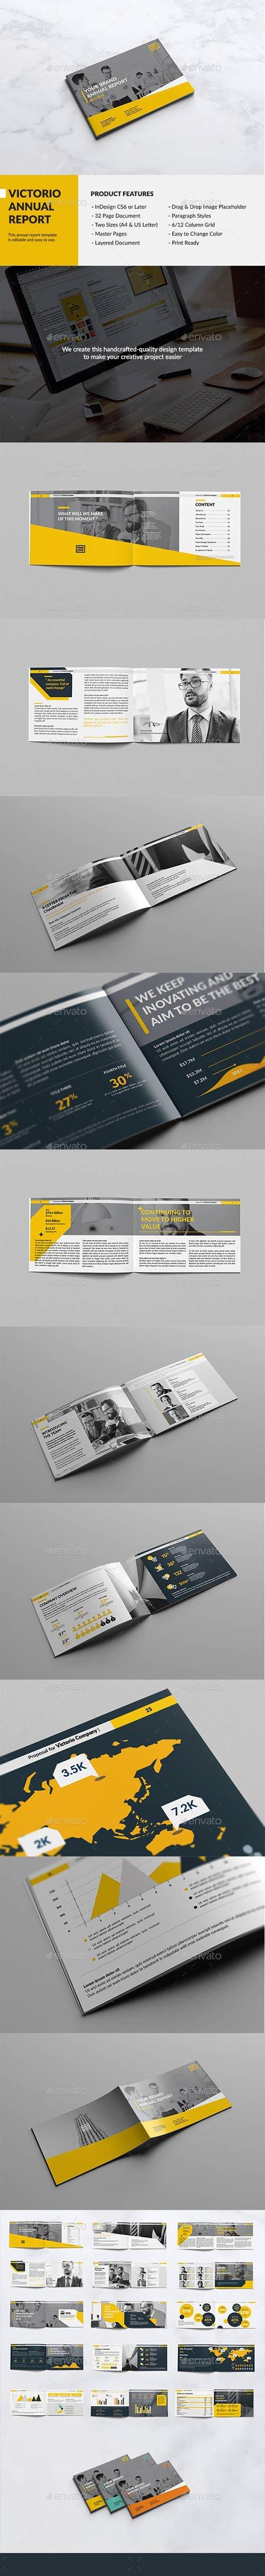 Graphicriver - Victorio Landscape Annual Report 15885166